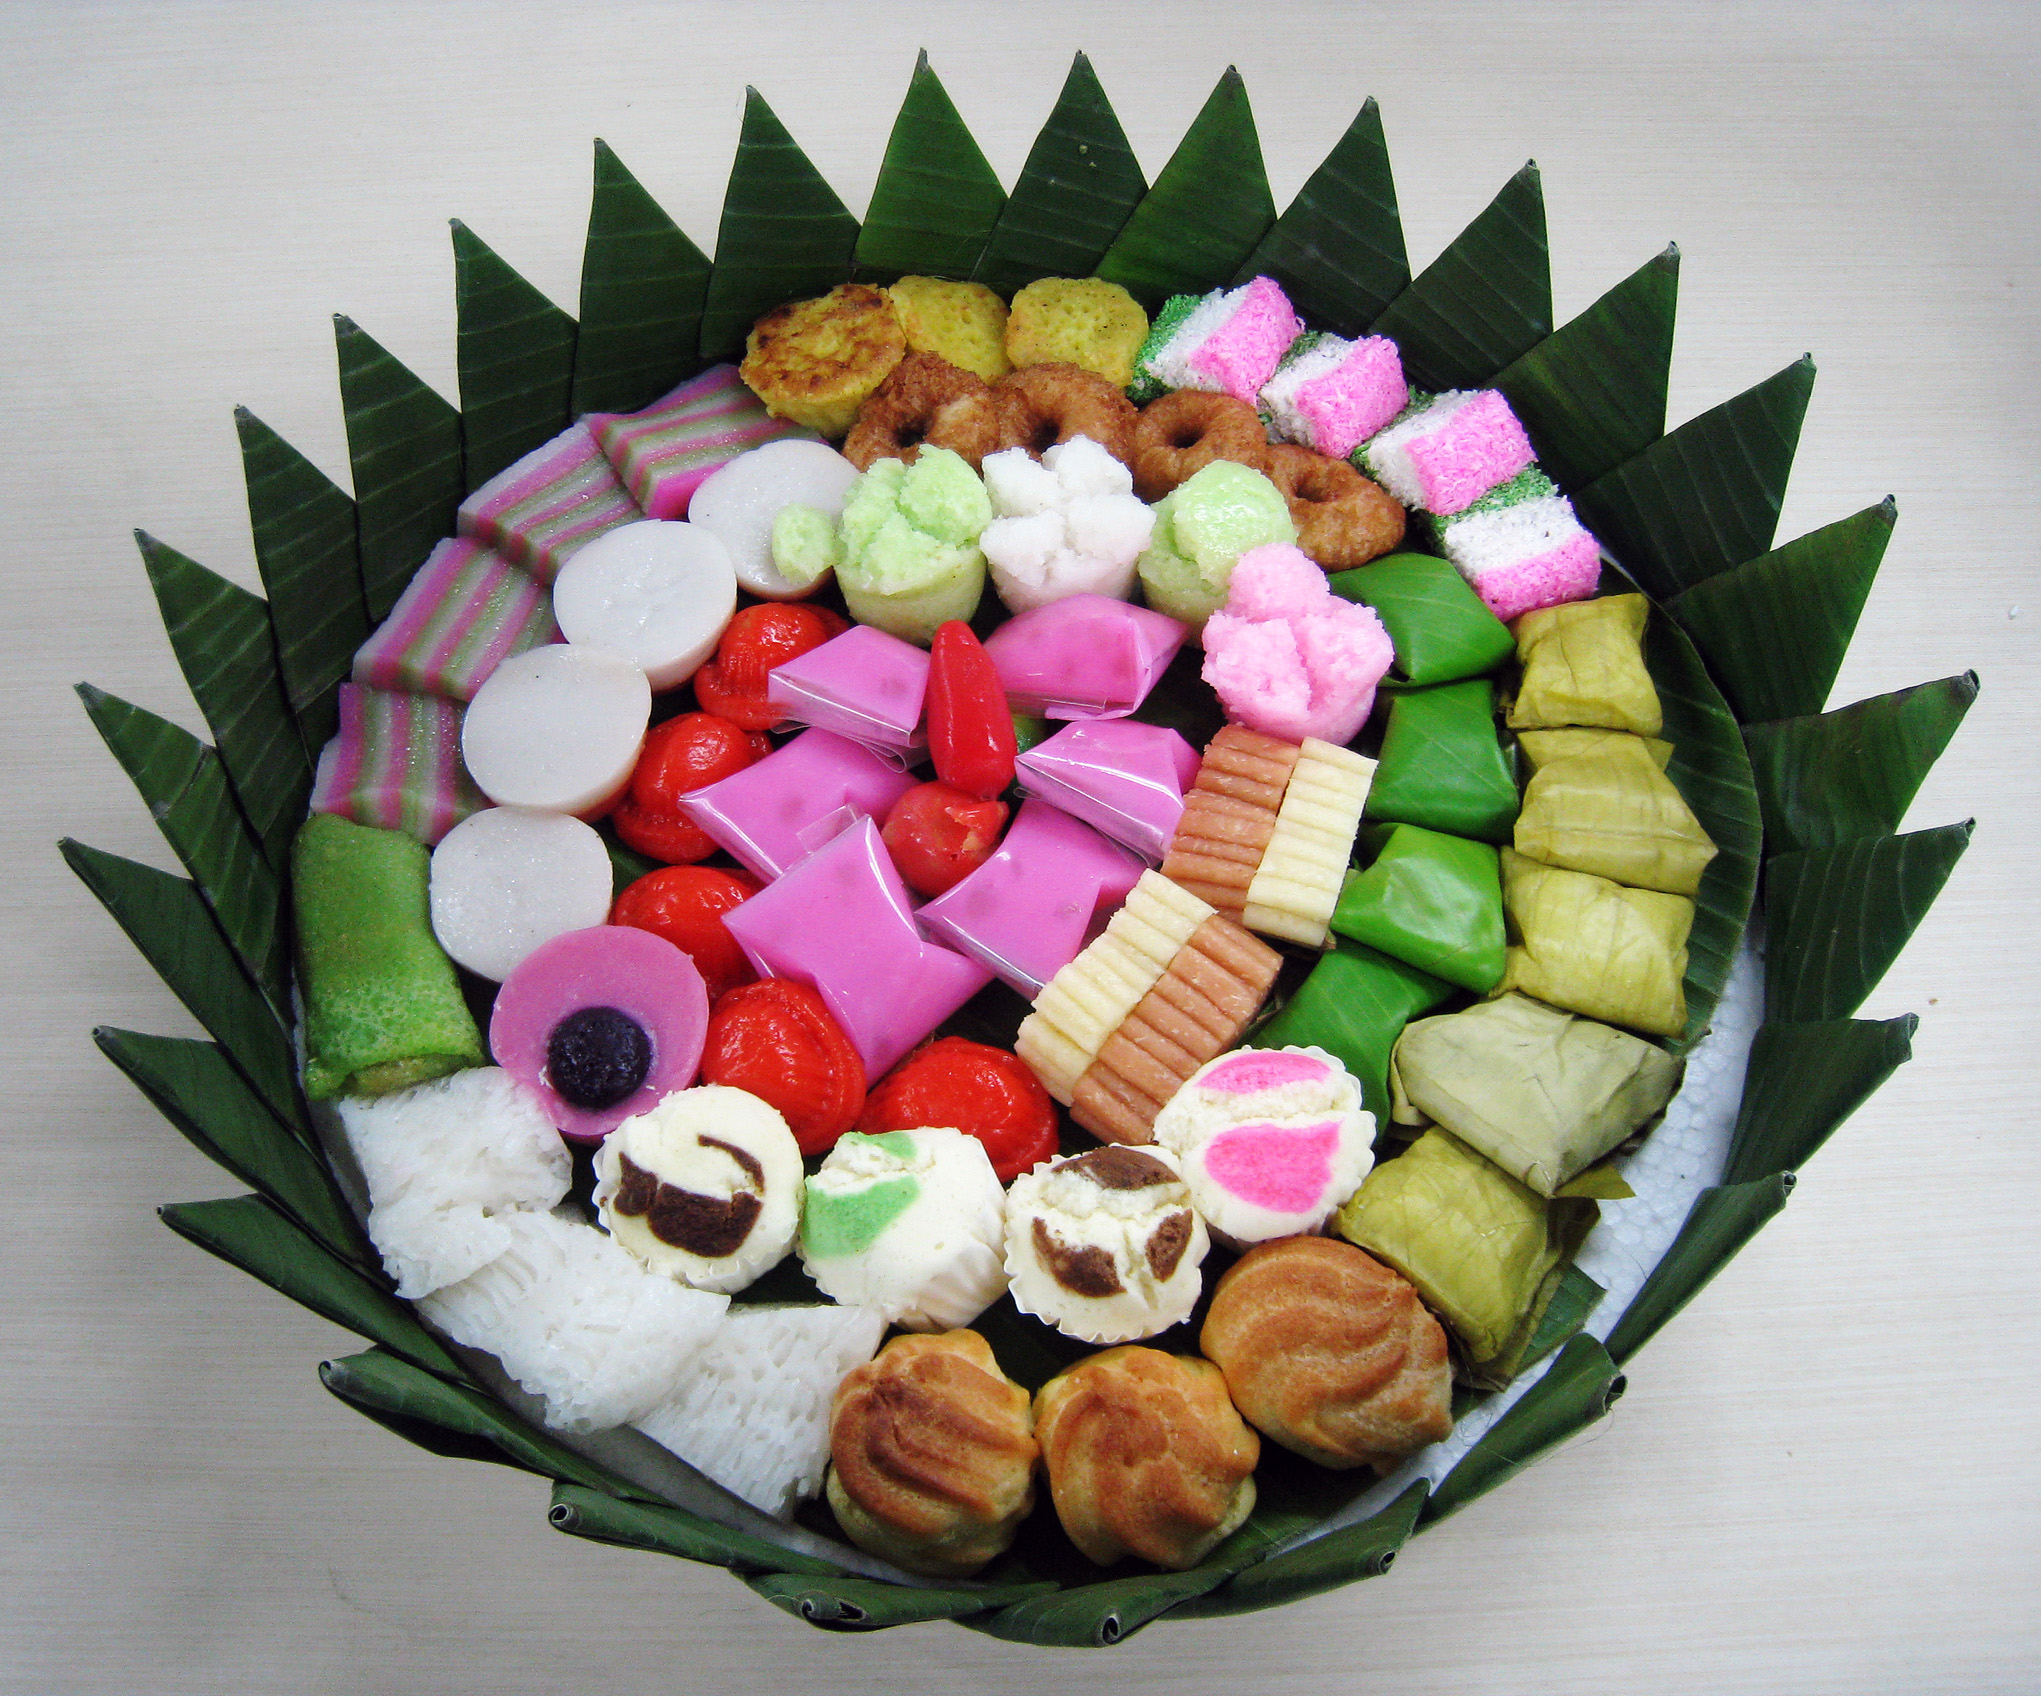 Kue Basah, Jajanan Pasar Tradisional yang Sangat Disukai | Jajanan ...